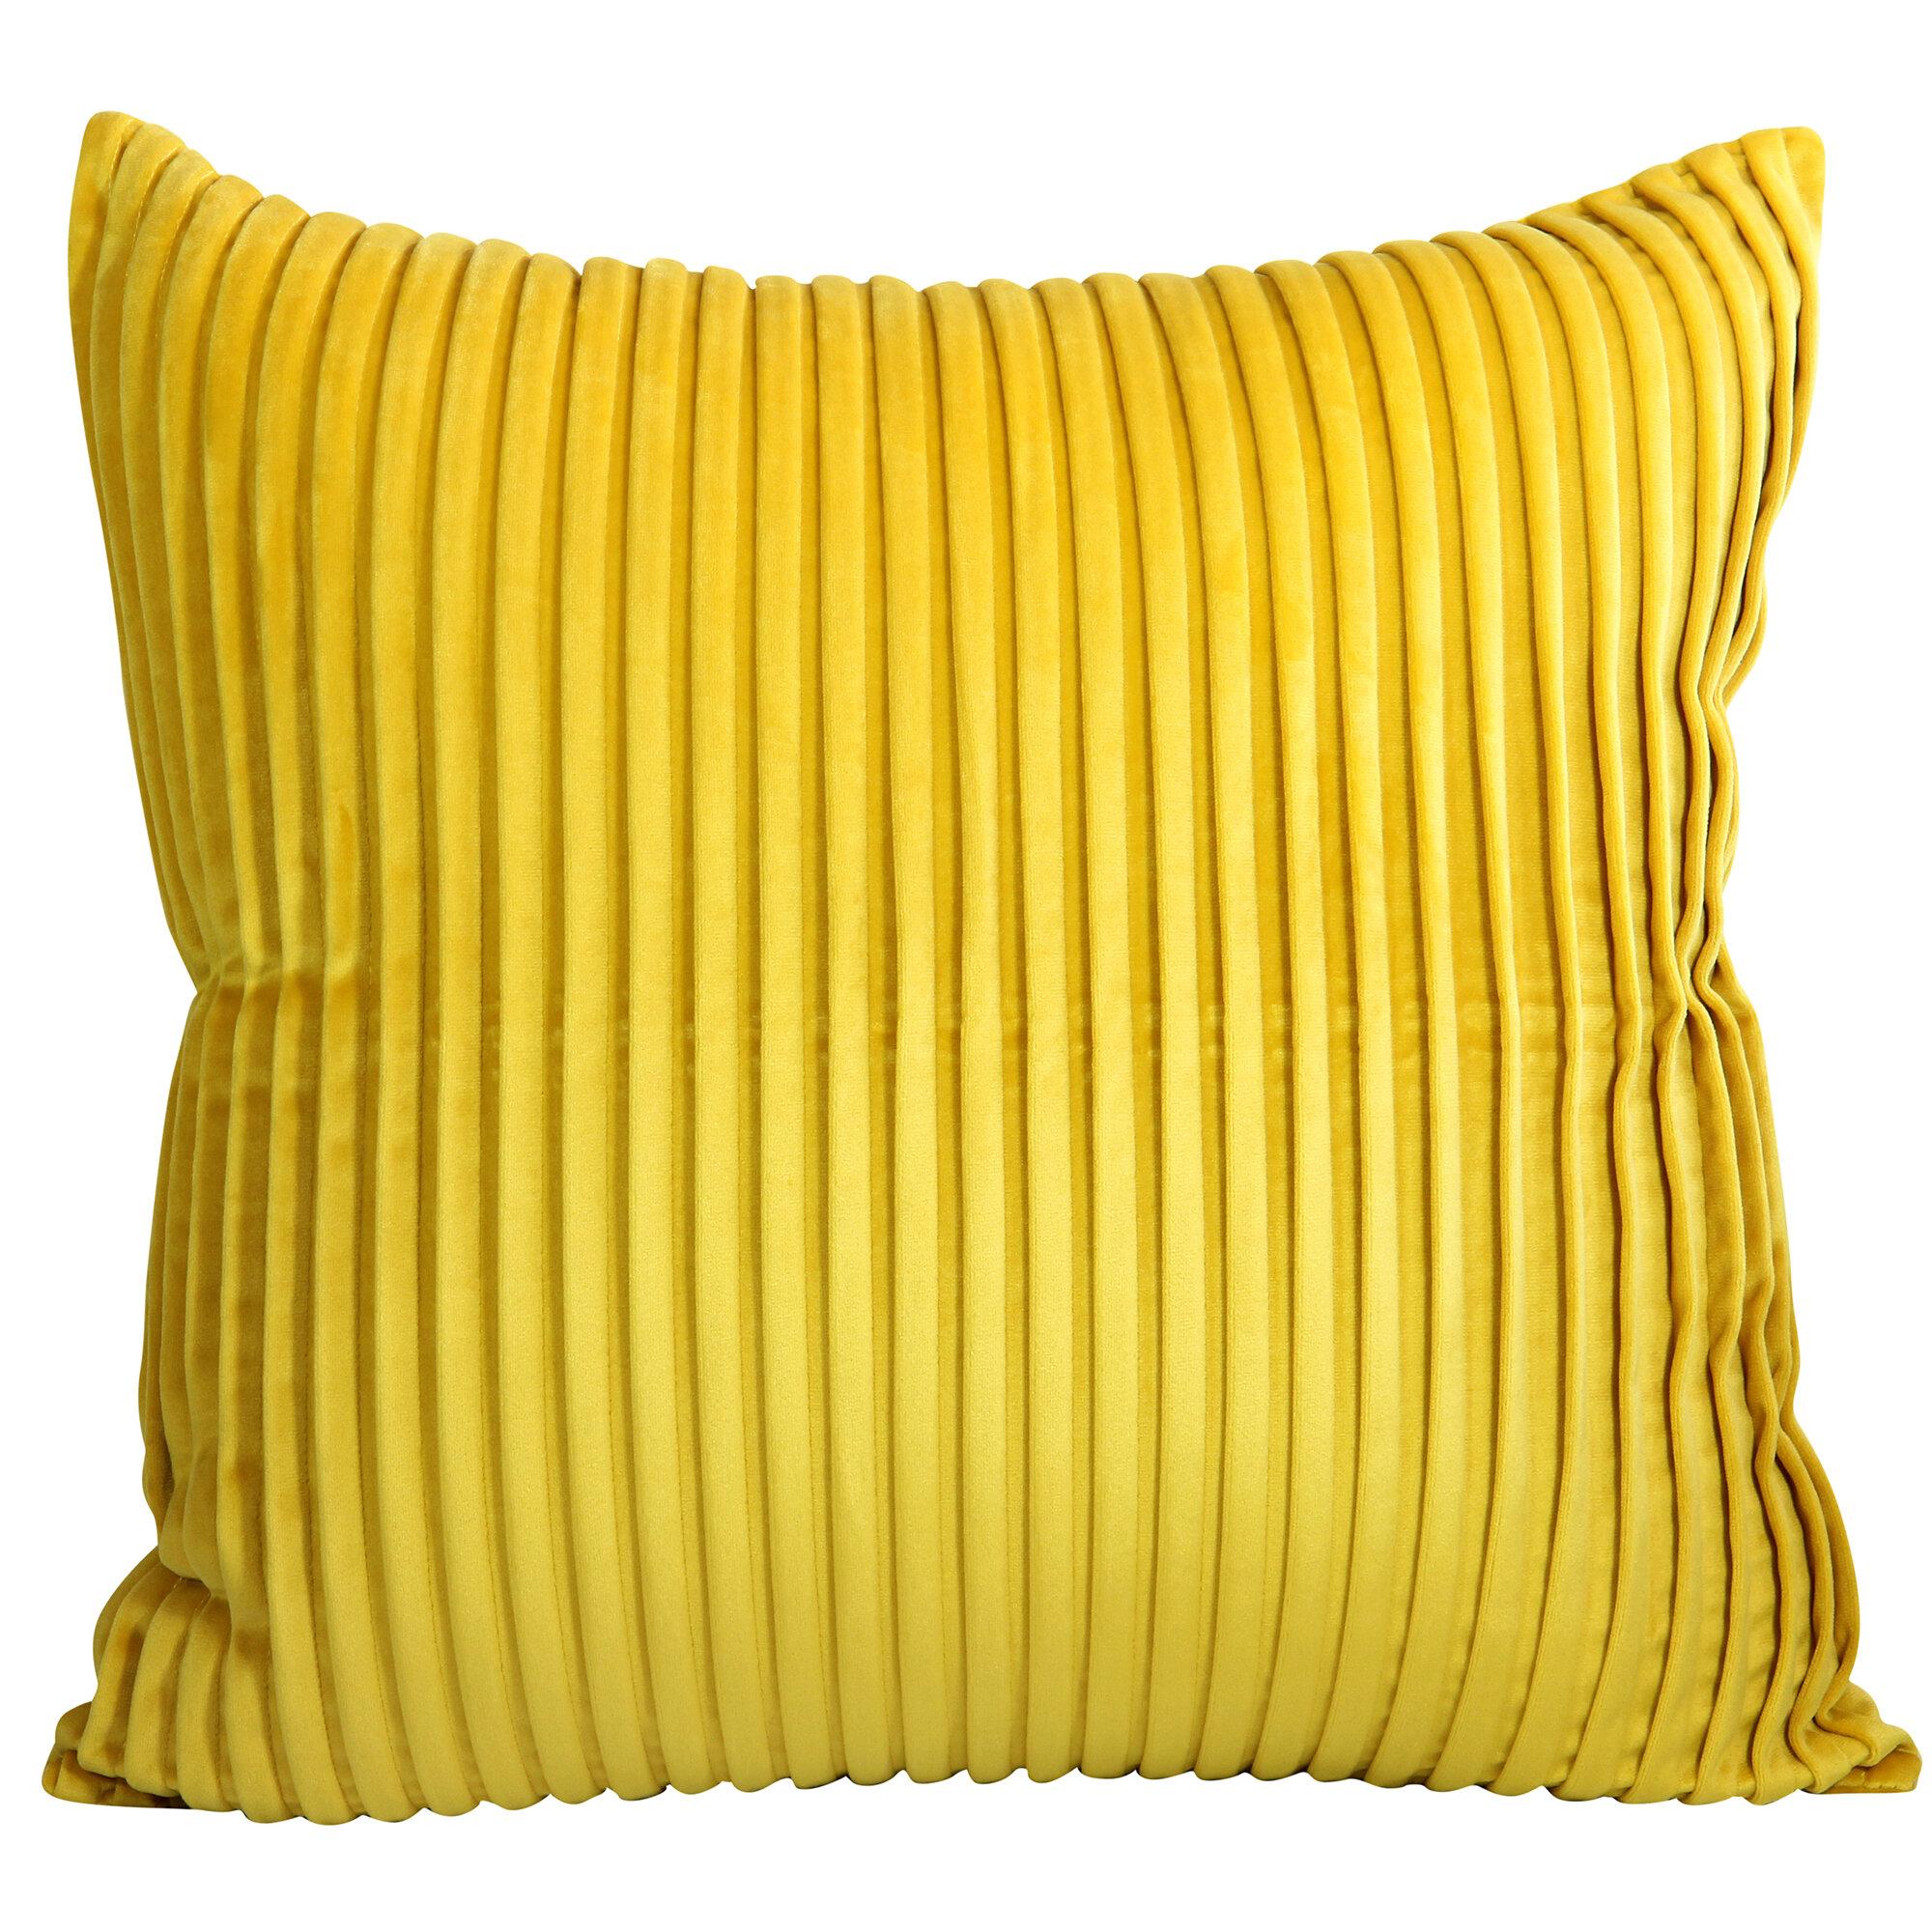 Mercer41 Hand Pleated Velvet Cushion